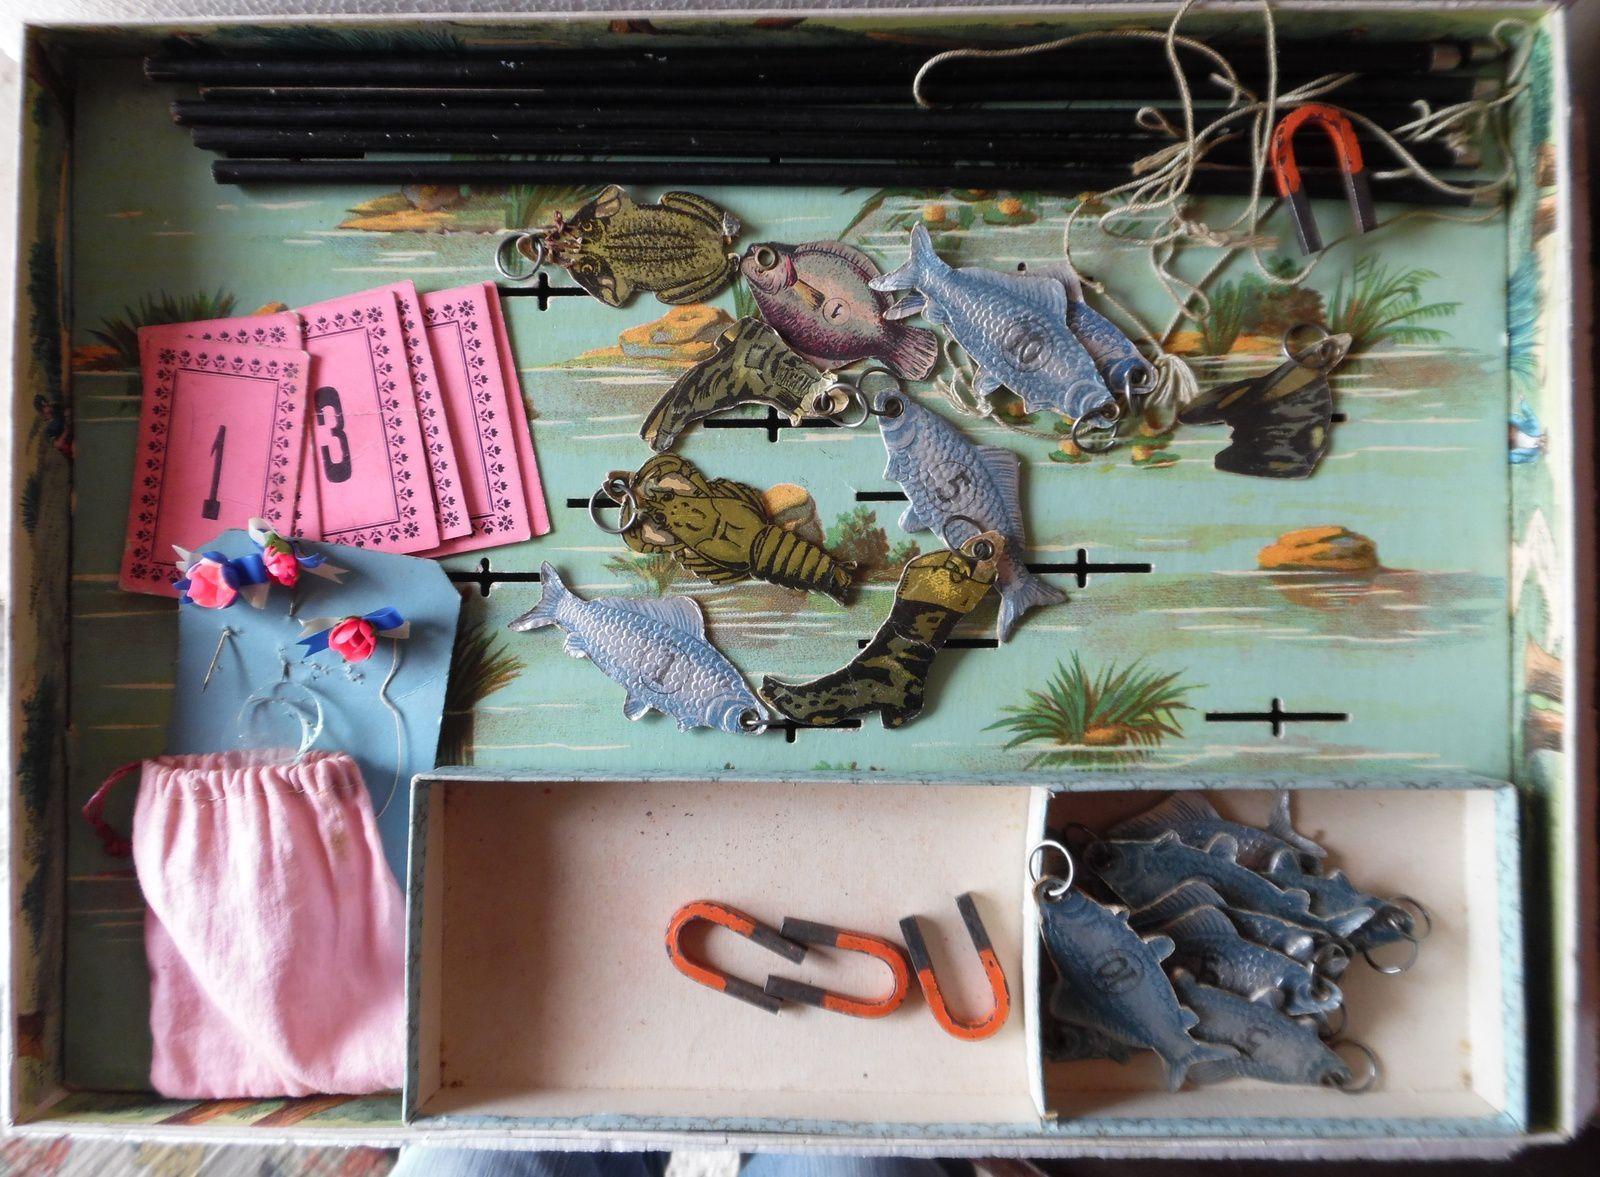 ouverture de la pêche :n'avalez pas le noyau